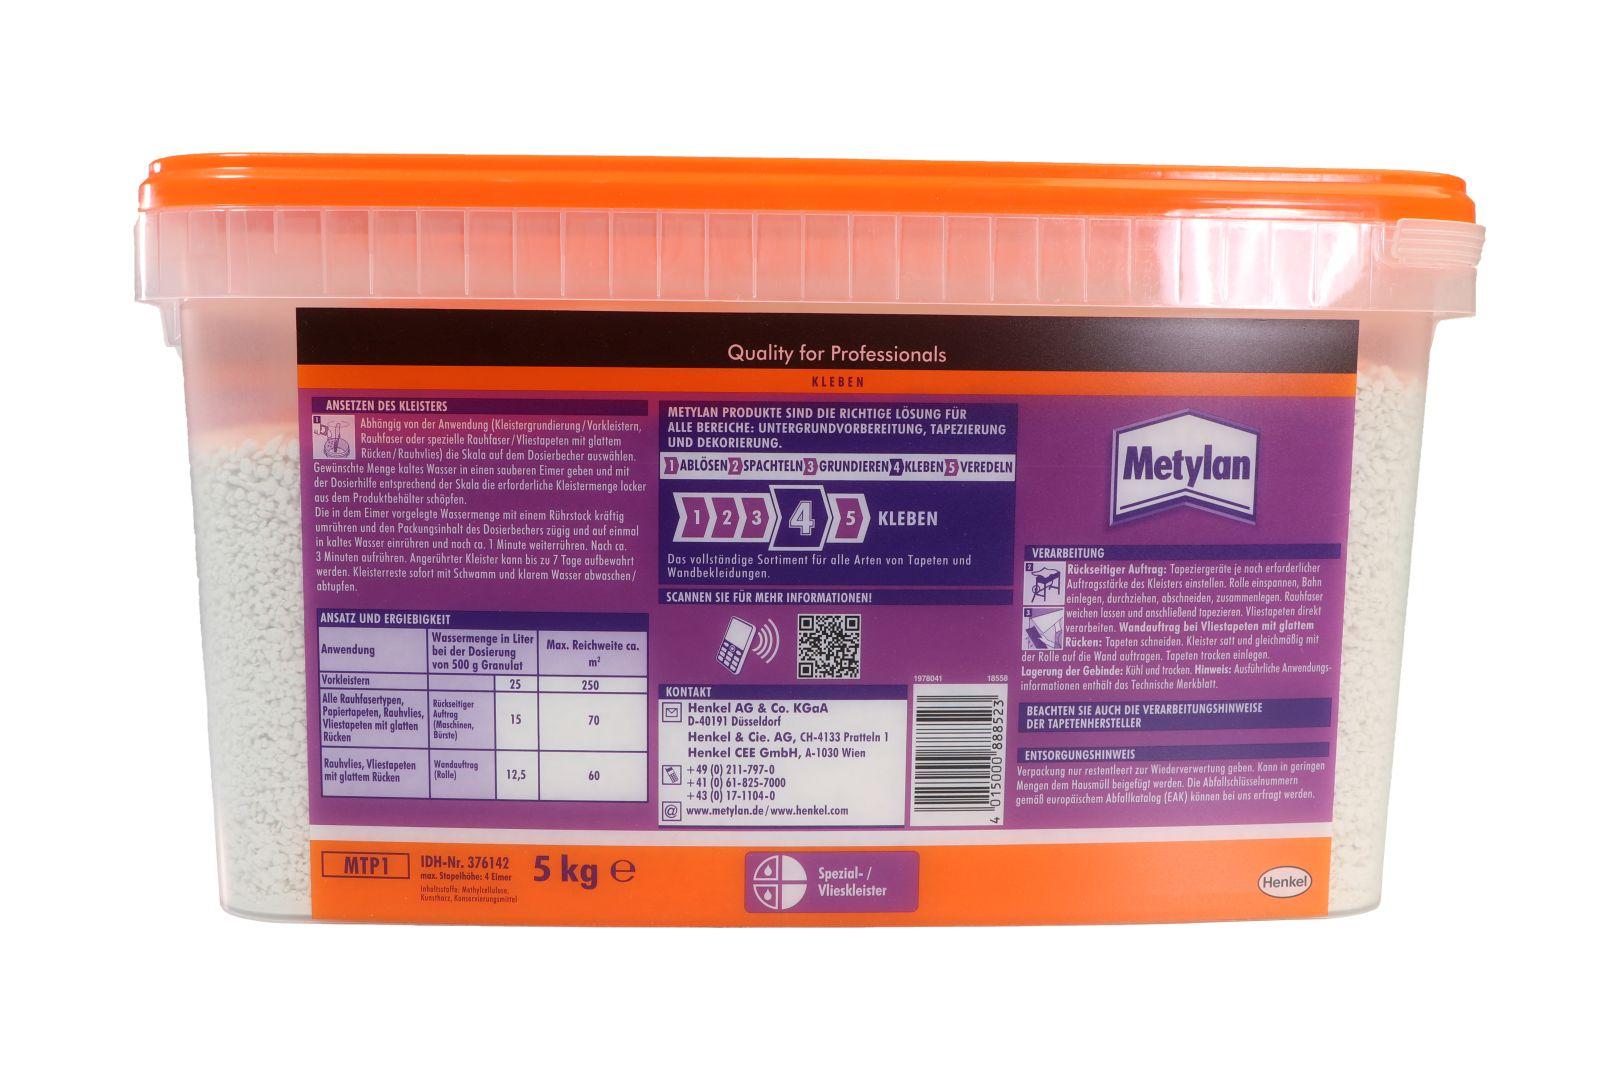 Metylan TG Power Granulat plus Tapeziergerätekleister, ausreichend für bis zu 700 m², 5 kg